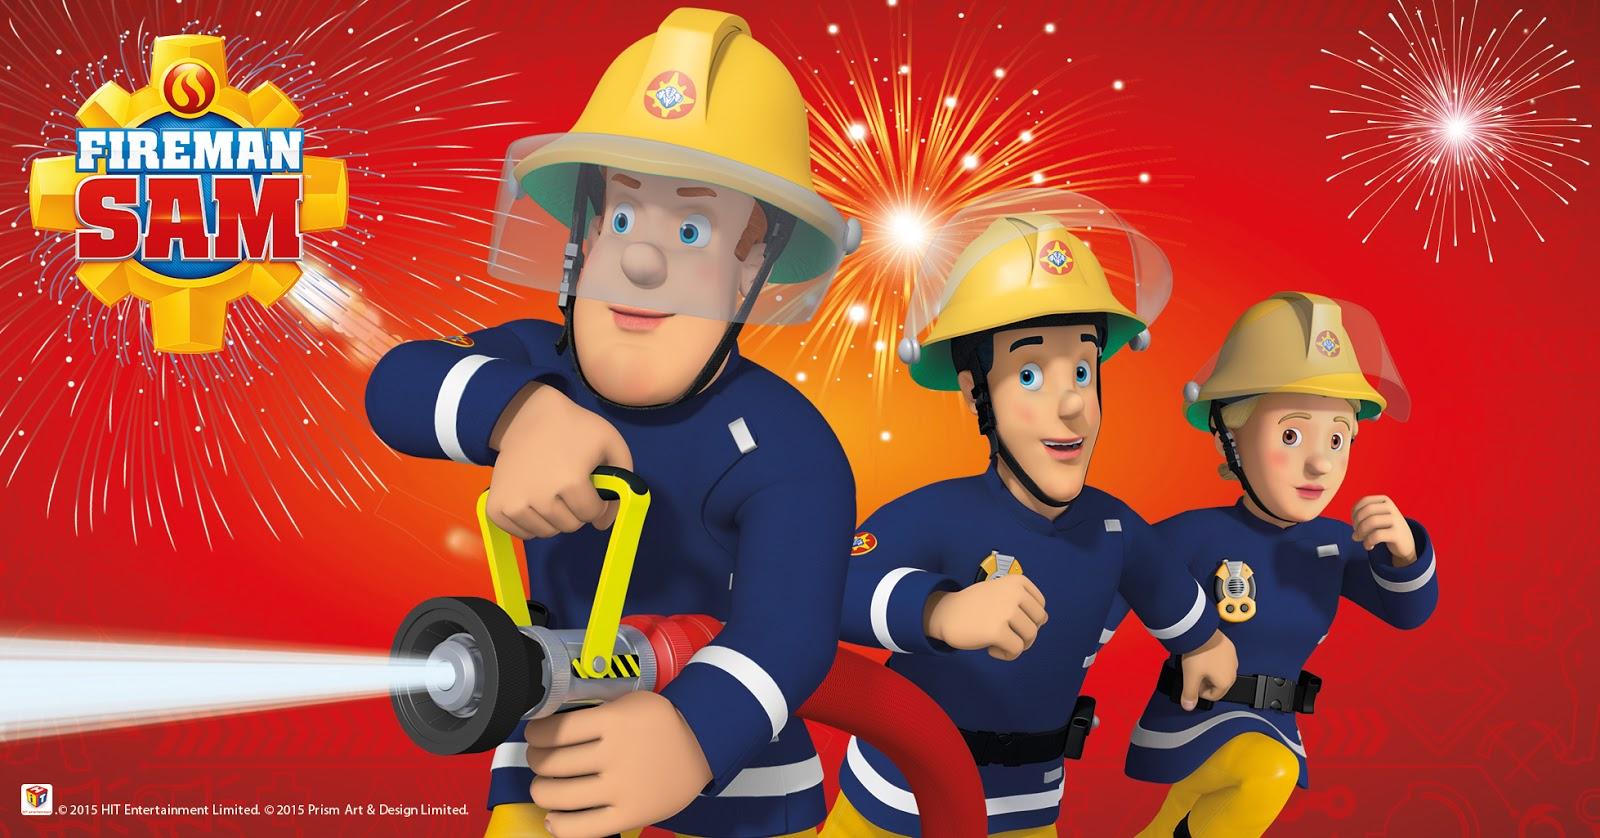 Fireman Sam's Safety Month Bonfire Fireworks